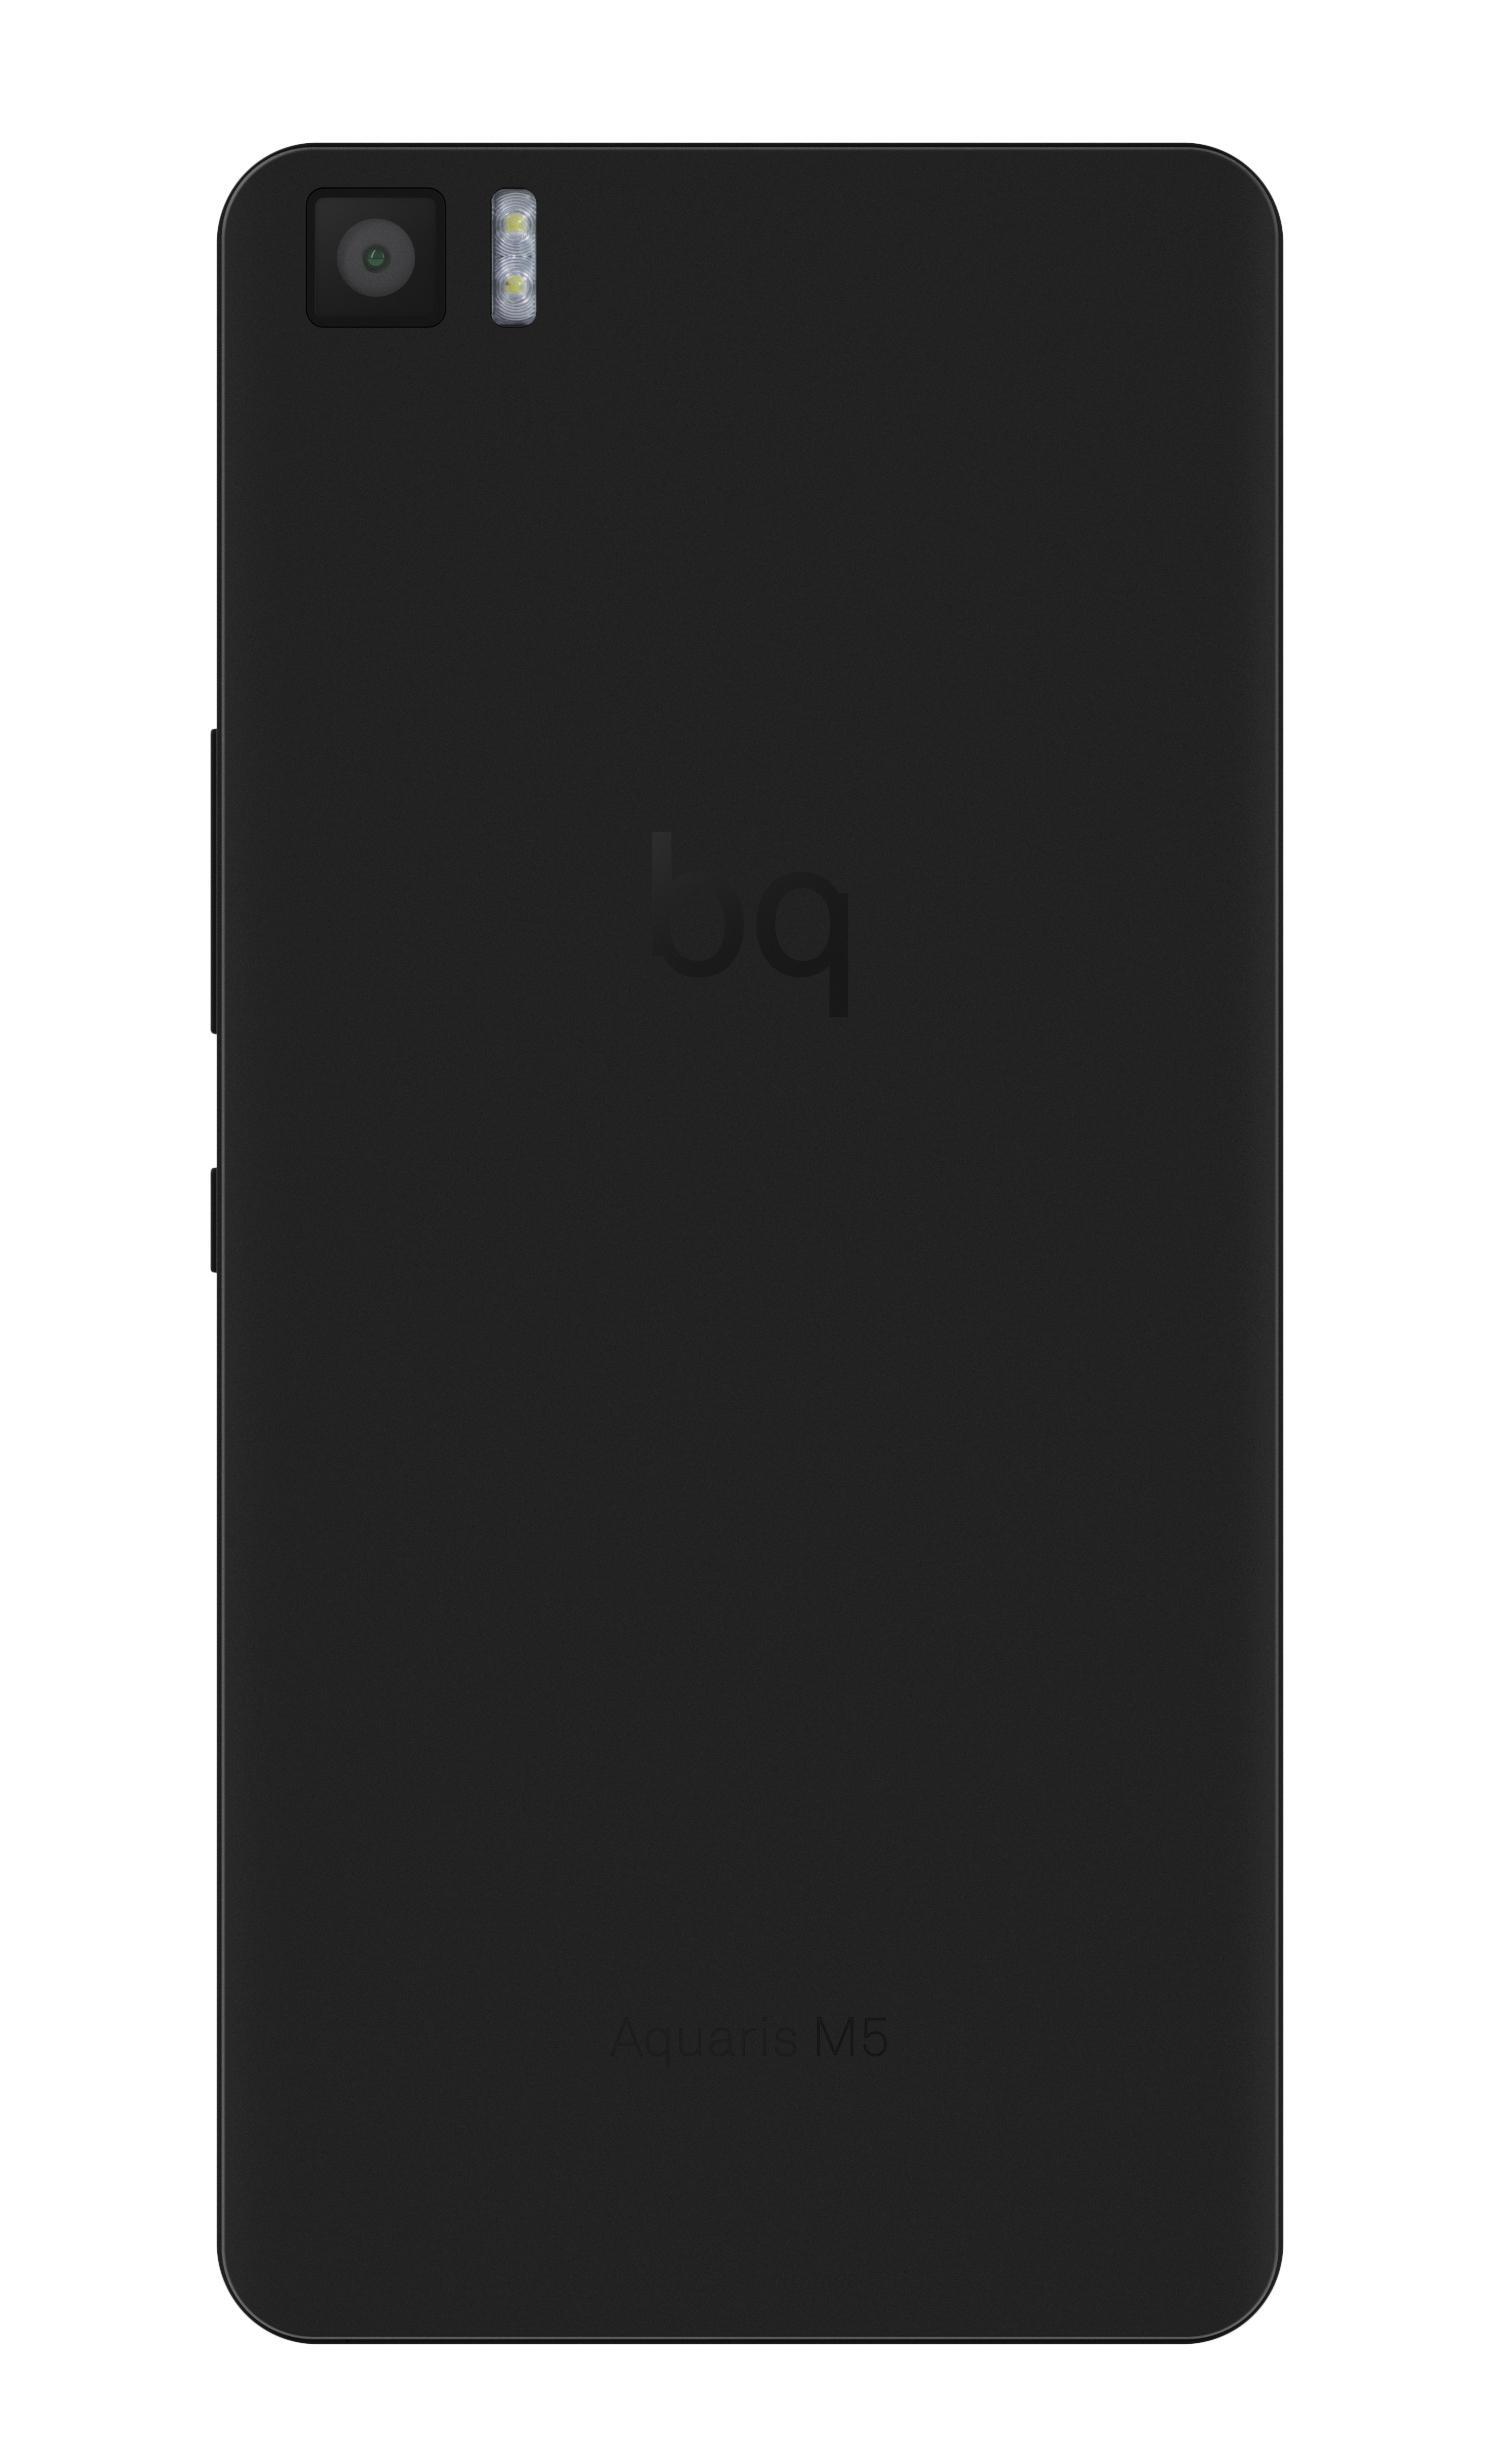 Bq Aquaris M5 en color negro vista trasera